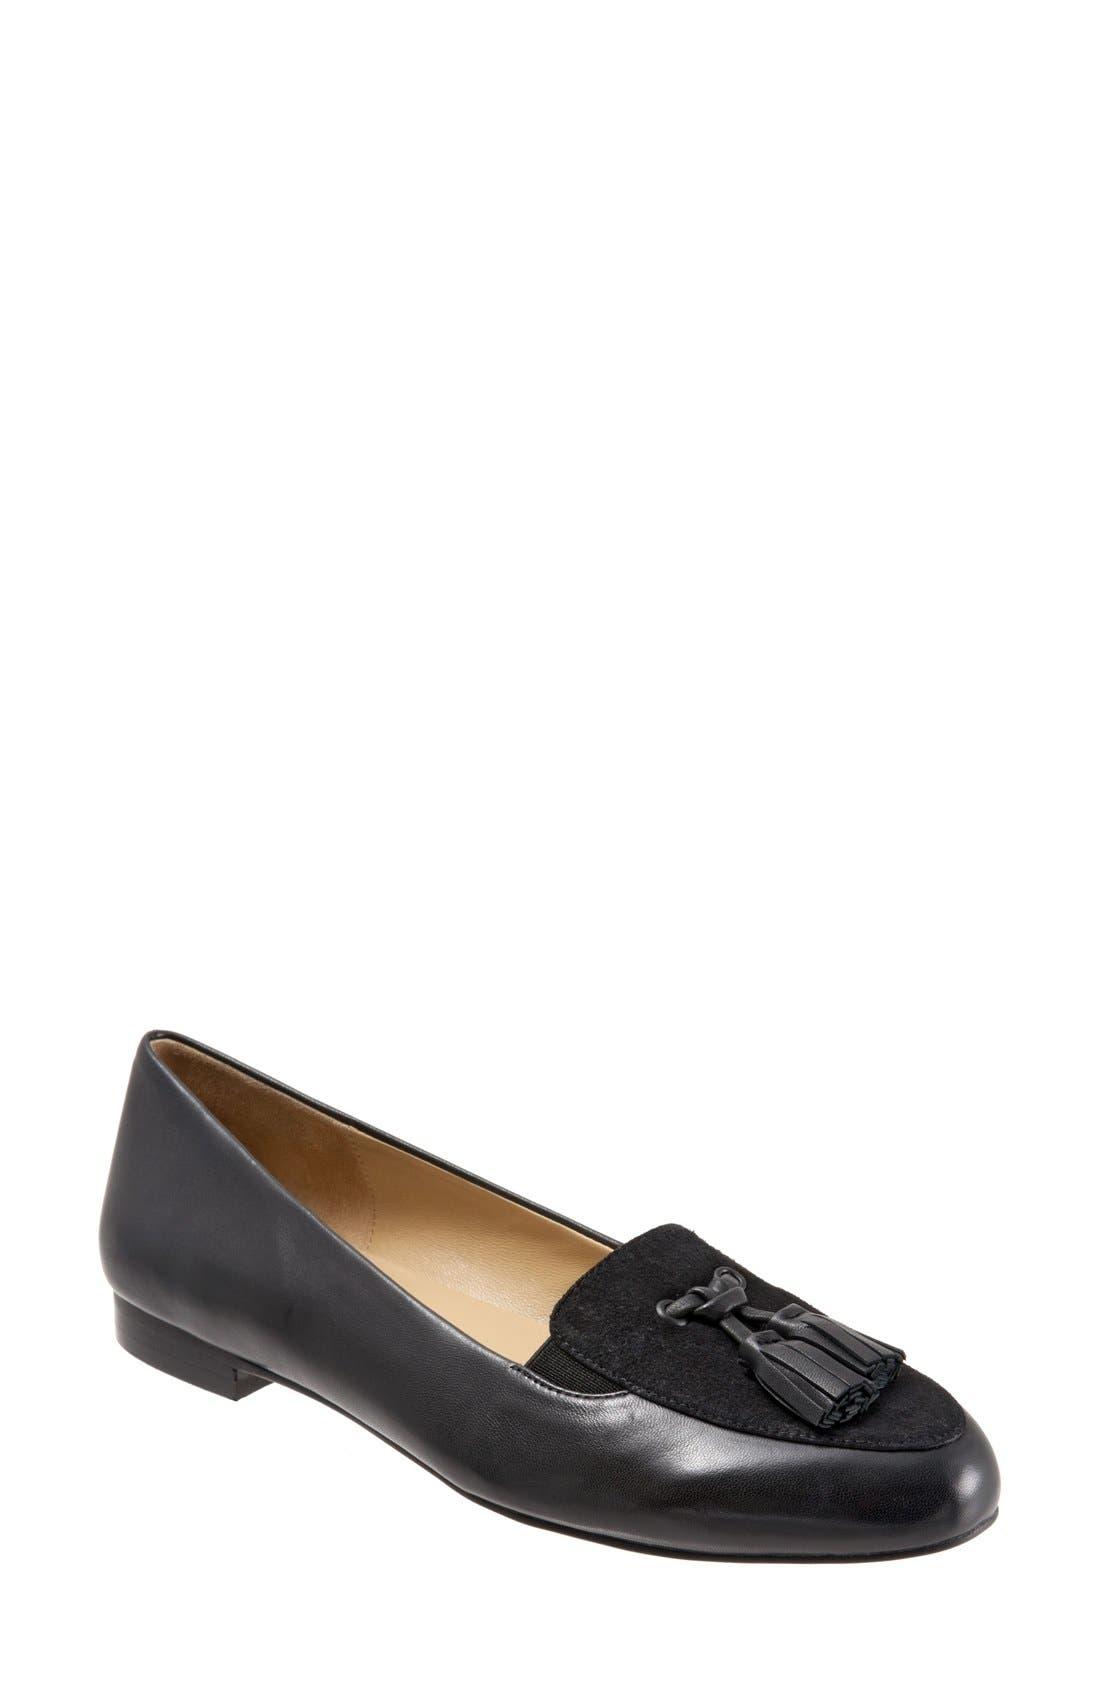 'Caroline' Tassel Loafer,                         Main,                         color, Black Suede